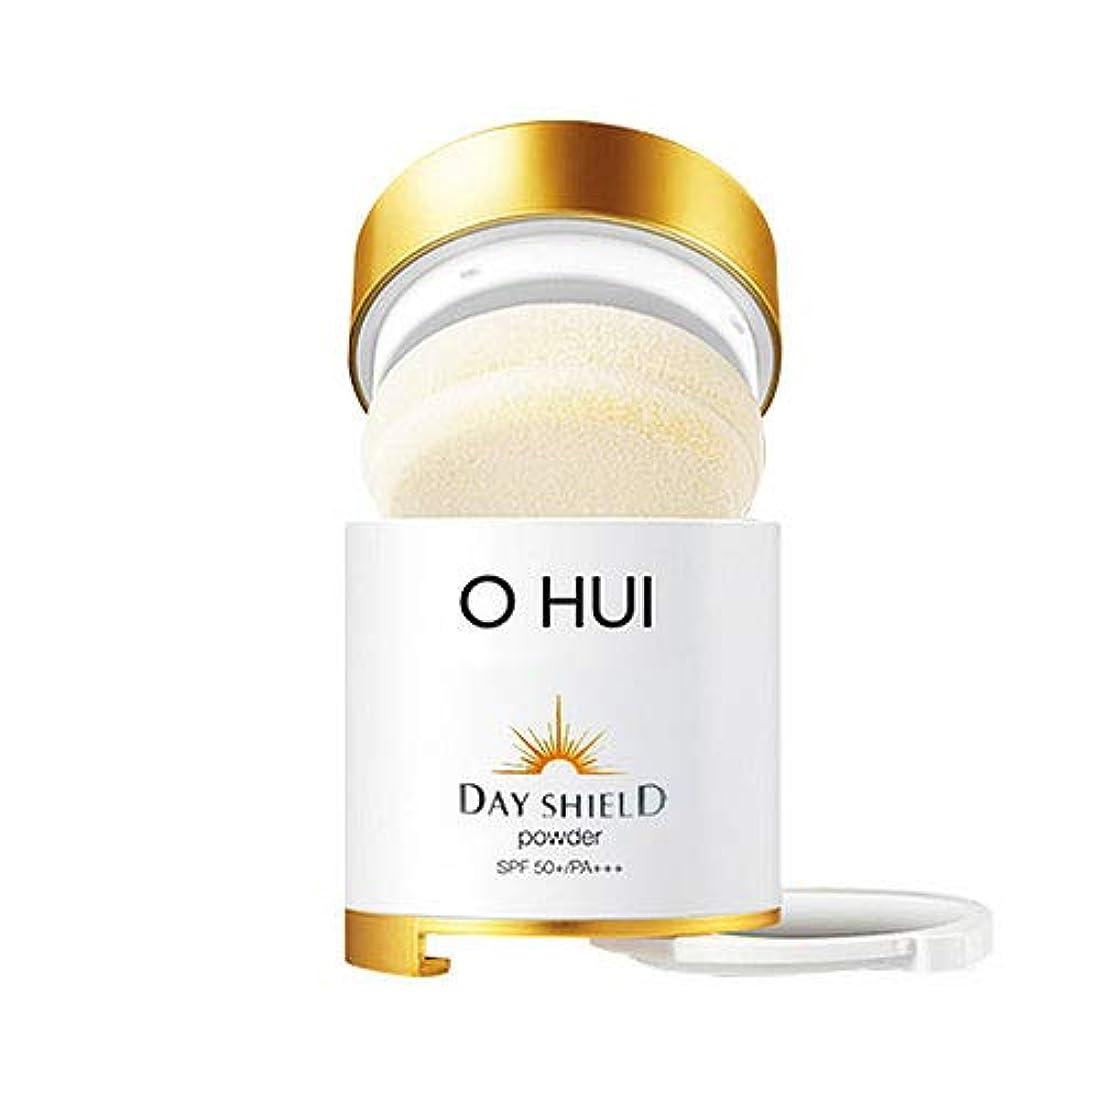 アライアンス追加防ぐオフィ デイシールドサンパウダー 20g OHUI Day Shield Sun Powder (# beige) [並行輸入品]